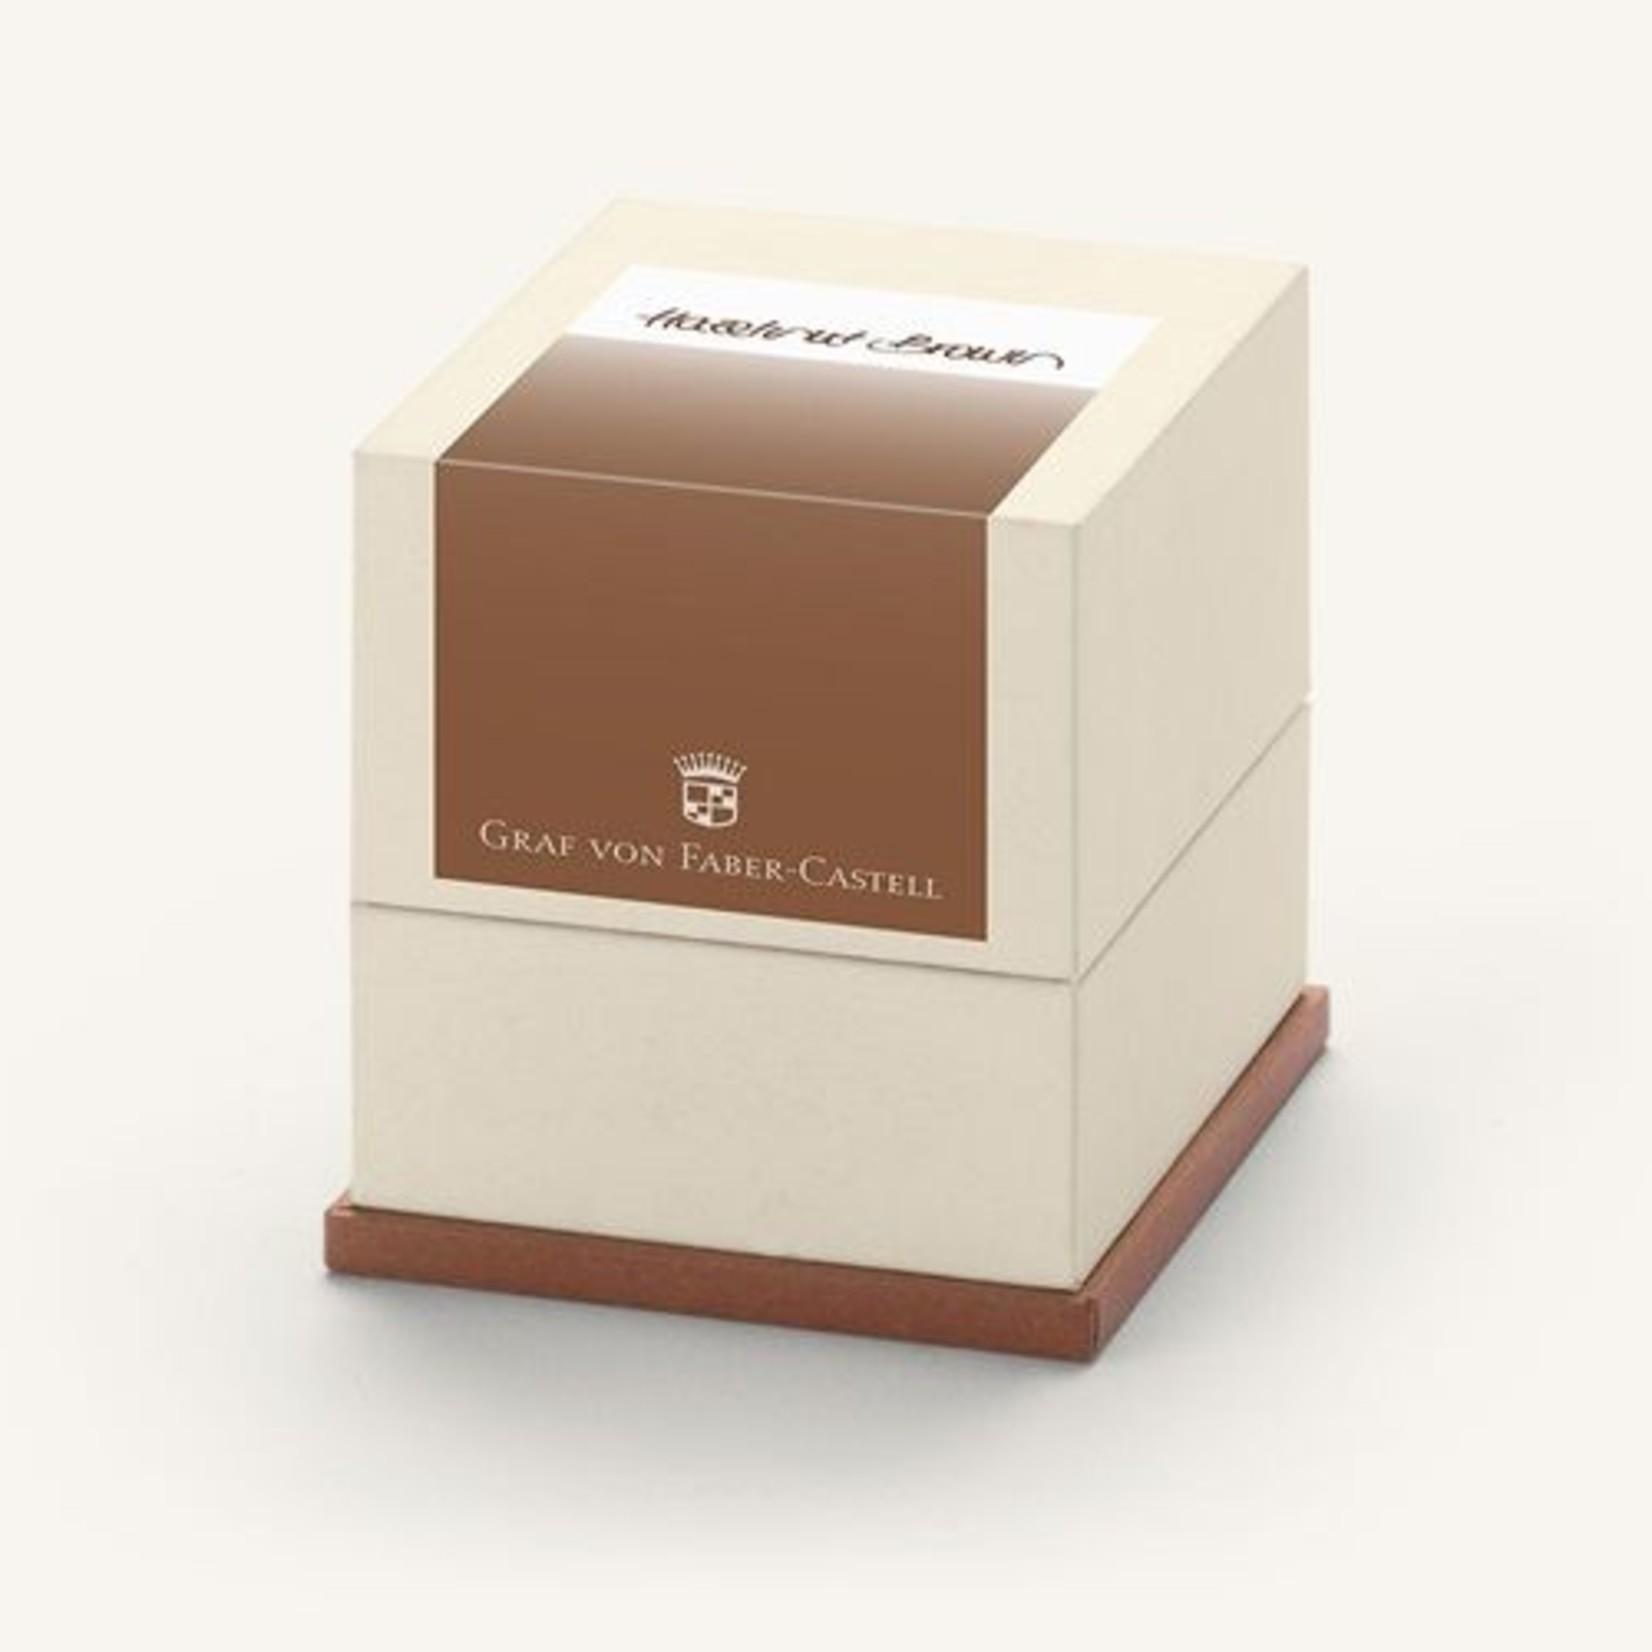 Graf von Faber-Castell Tintenpatronen Geschenkpackung Hazelnut Brown 20x